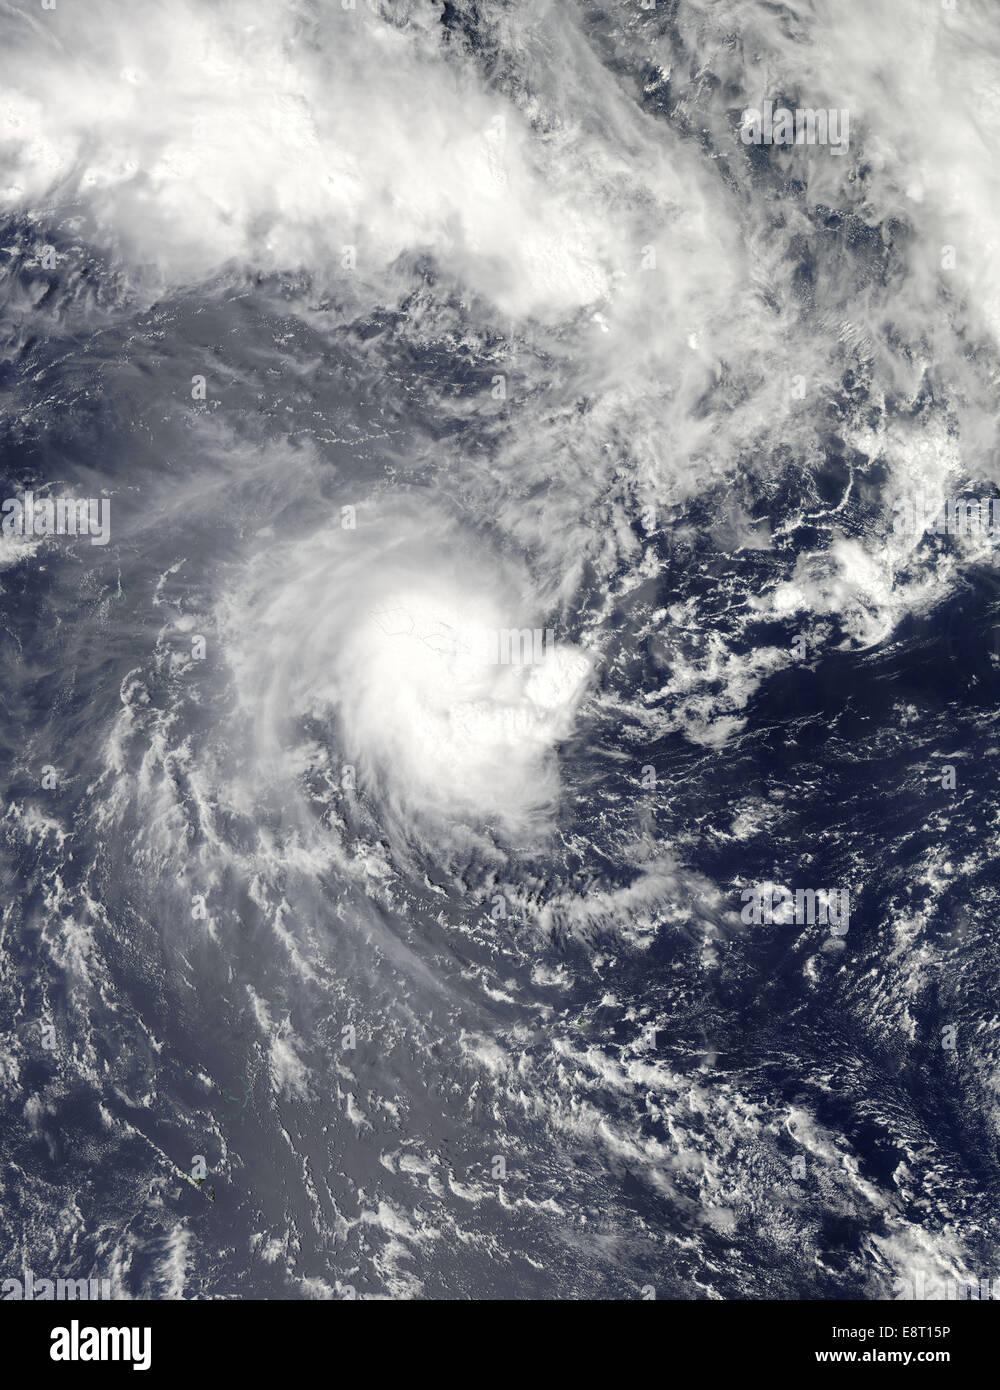 NASA's Aqua Satellite Gets a Visible Look at Tropical Cyclone - Stock Image